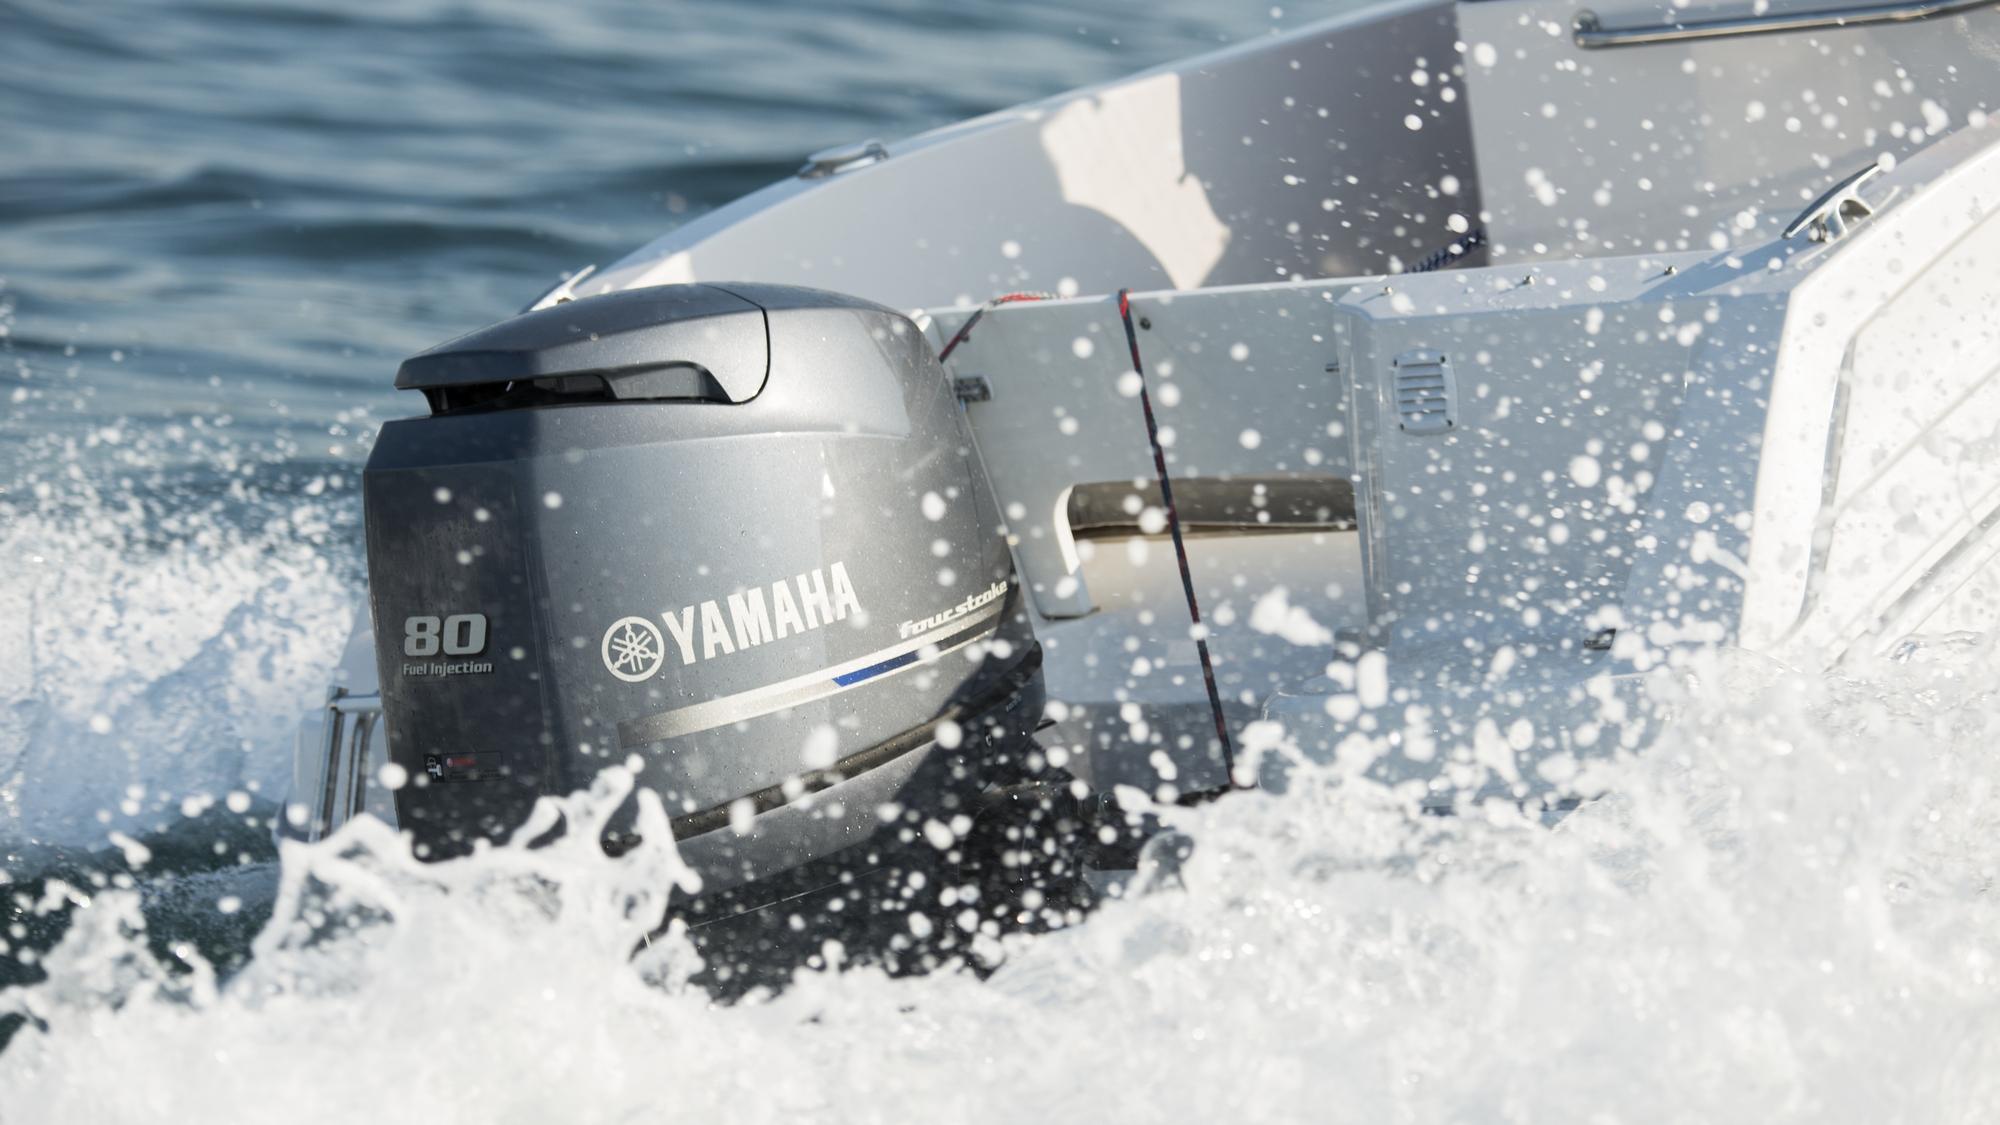 motore fuoribordo yamaha F80 e F100 venduti online da rivenditore autorizzato yamaha a mira provincia di venezia vicino a padova e treviso e vicenza. companymarine srl